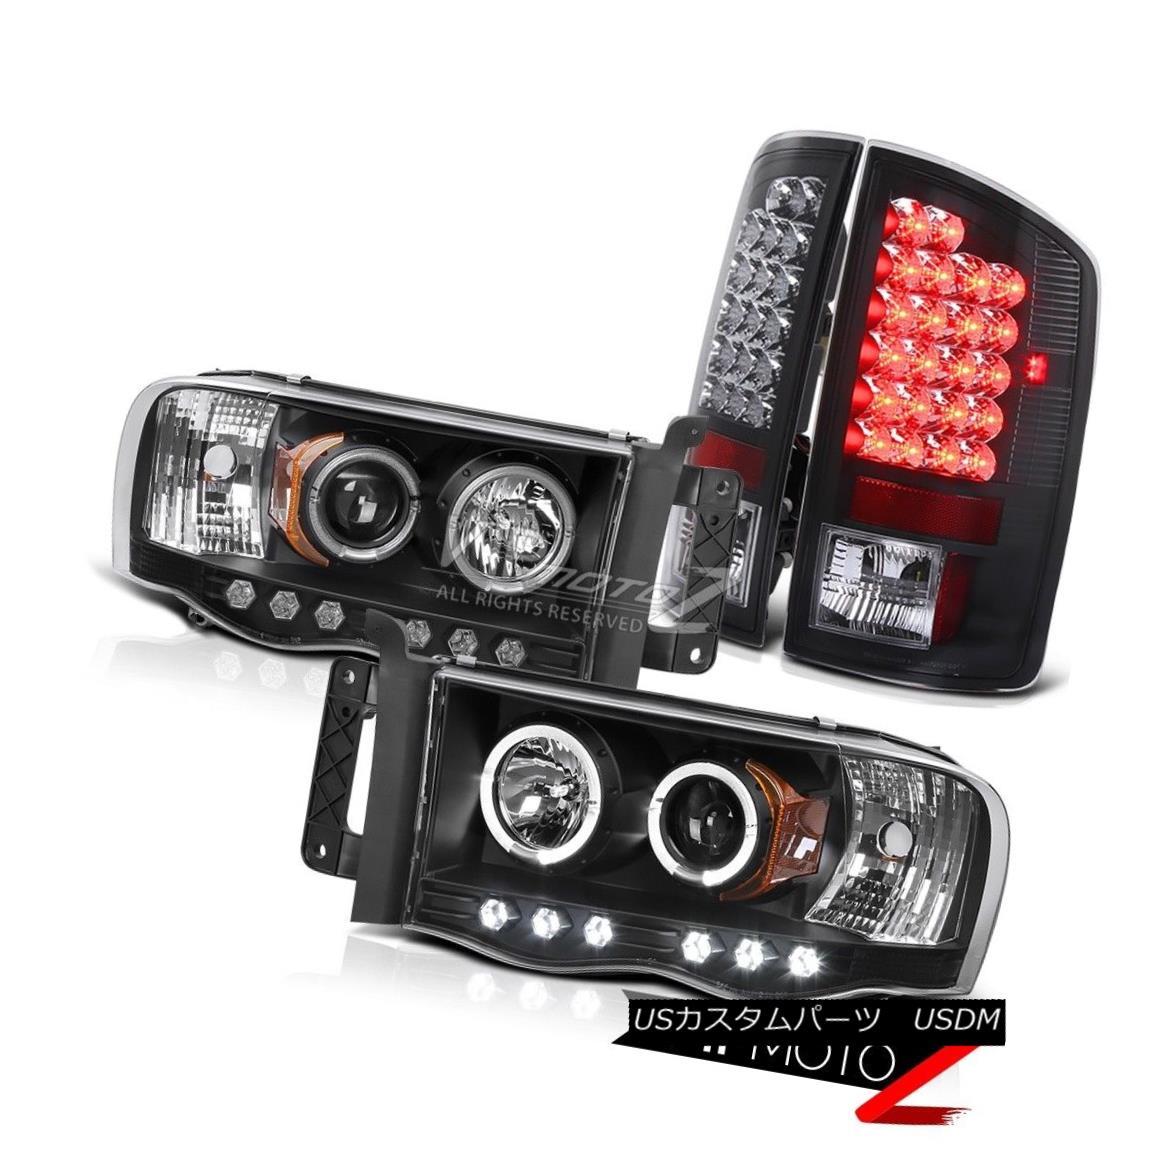 ヘッドライト Dodge 2002-2005 RAM 1500 HaLo Projector Black L+R Headlight+LED Tail Light Lamp Dodge 2002-2005 RAM 1500 HaLoプロジェクターブラックL + Rヘッドライト+ LEDテールライトランプ